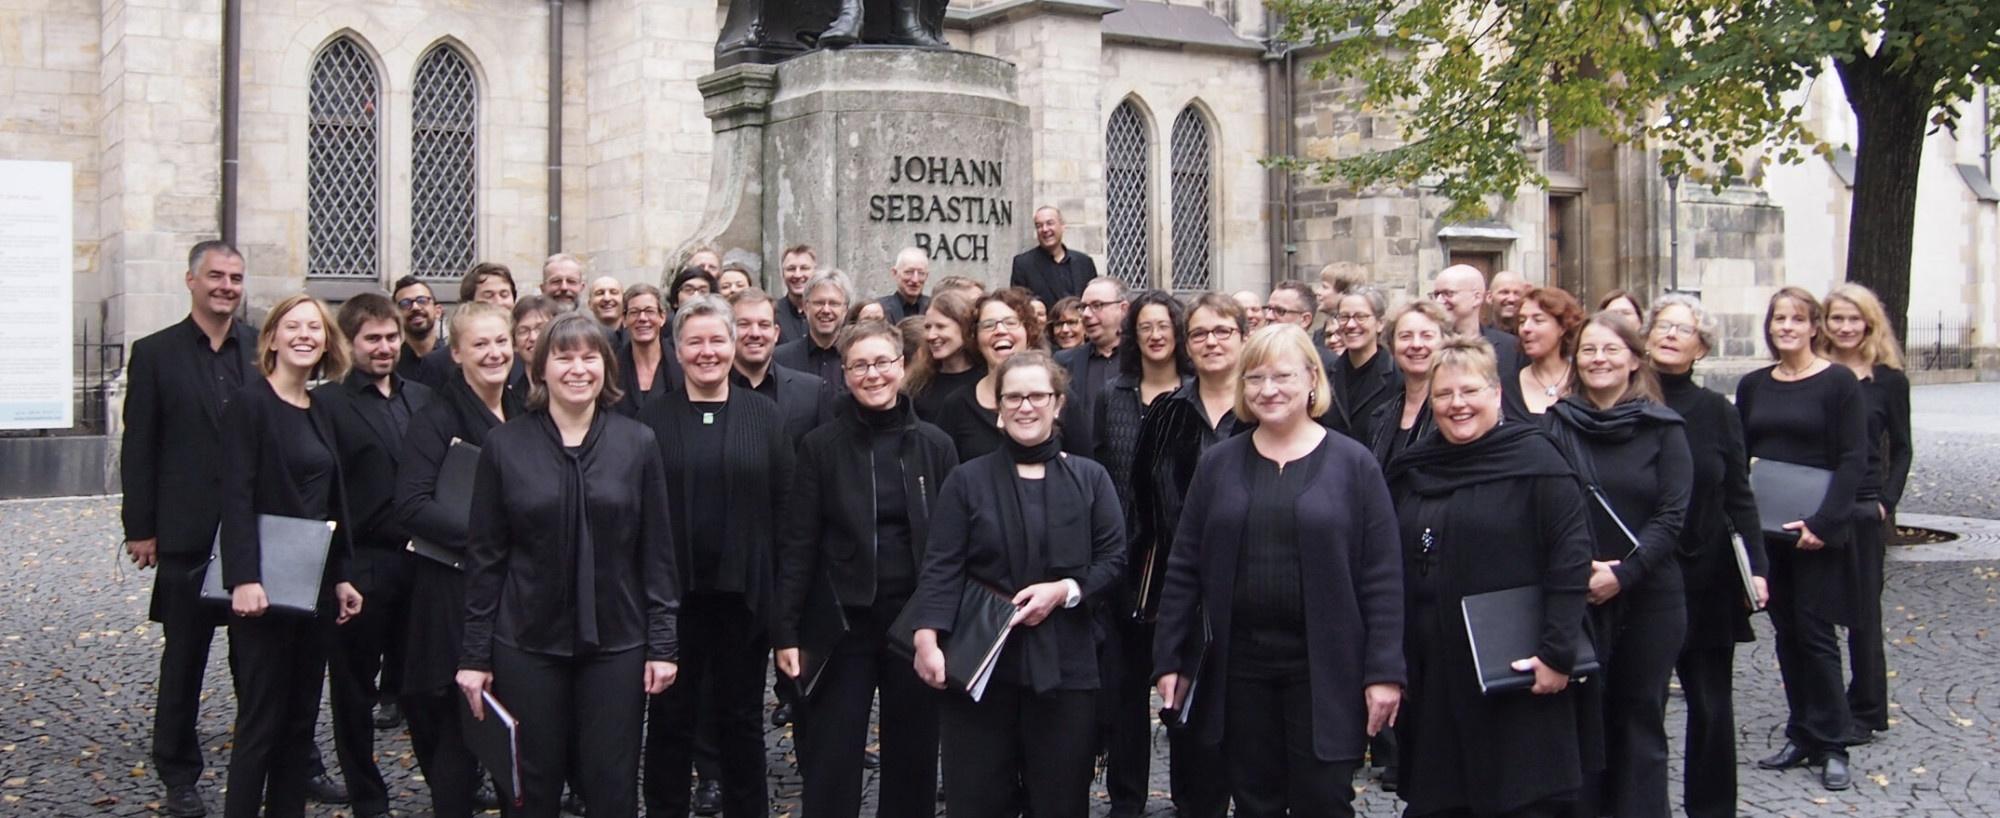 Bach-Verein Köln